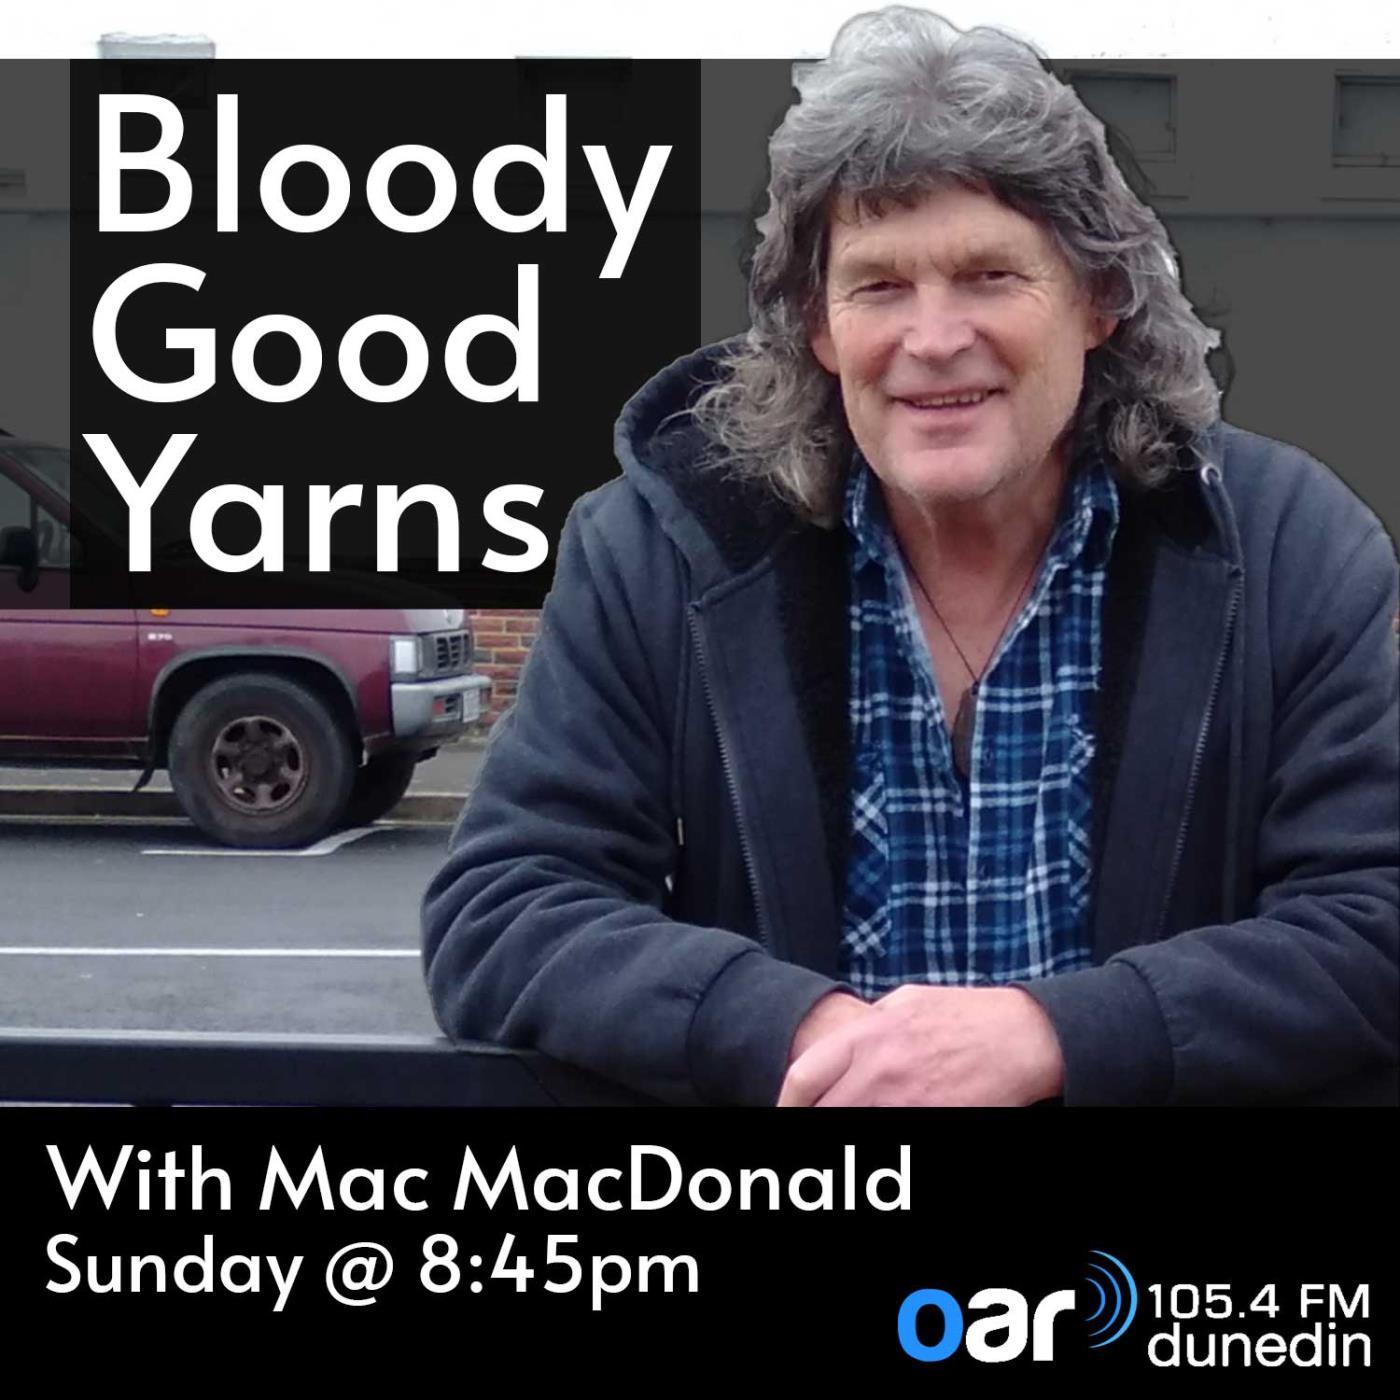 Bloody Good Yarns